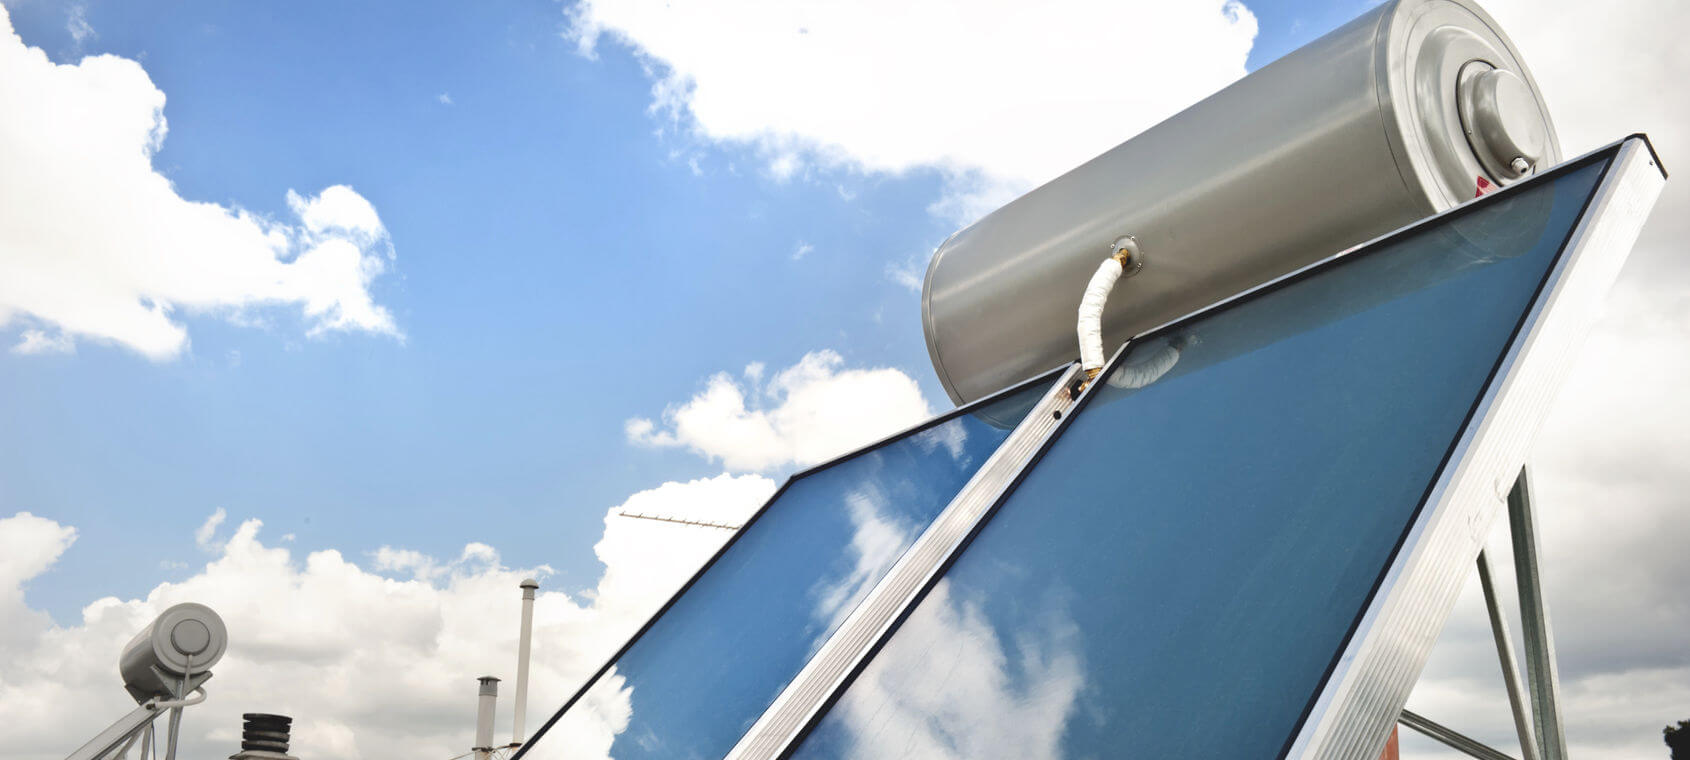 Pannello Solare Termico Come Funziona : Solare termico come funziona e quanto si risparmia